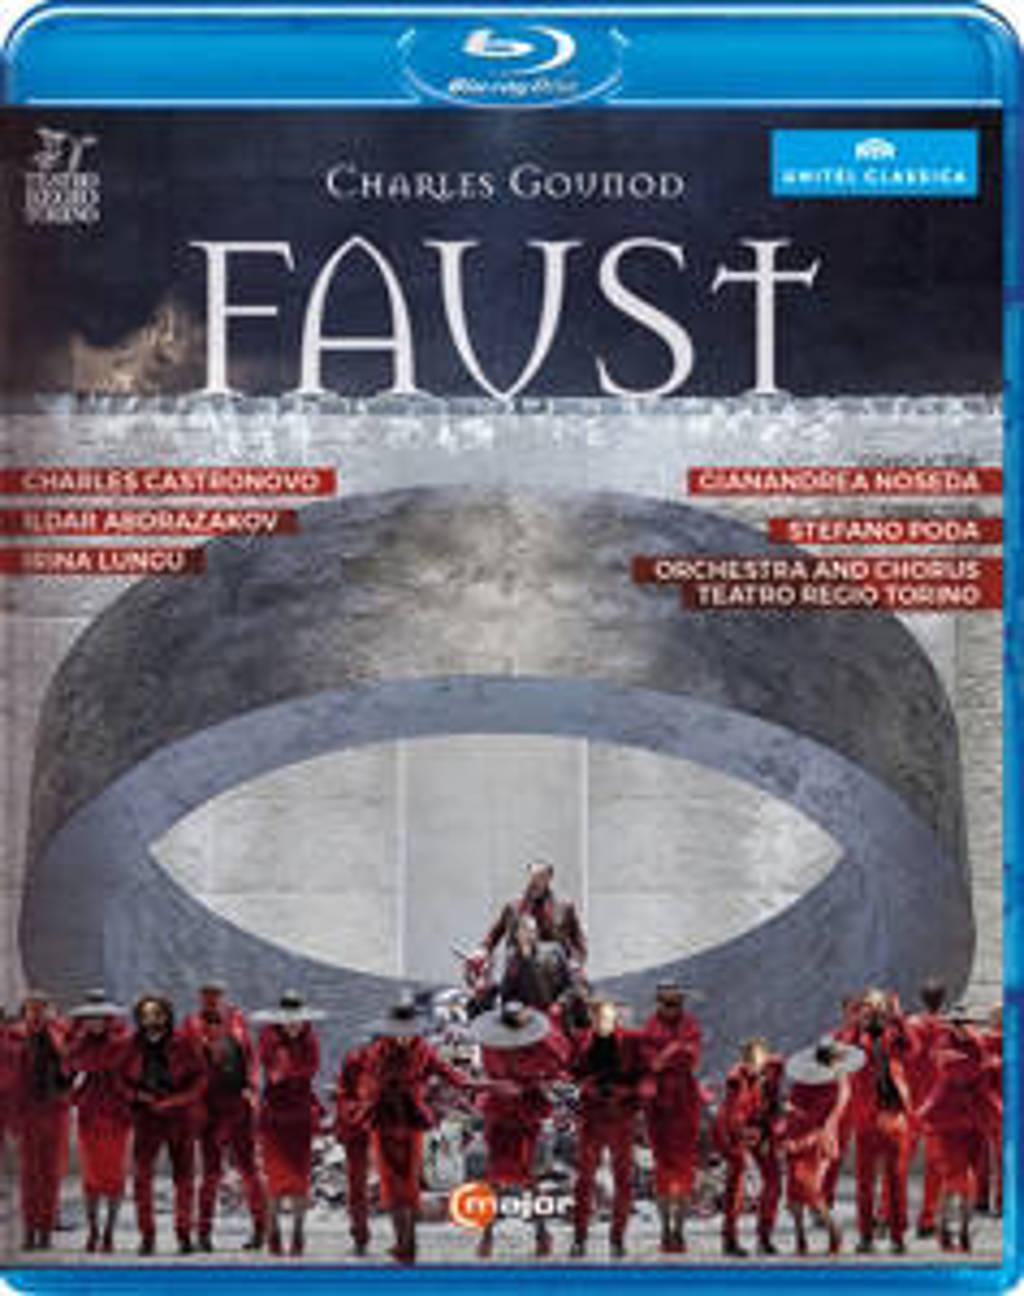 Castronovo,Abdrazakov,Lungu - Faust Teatro Regio Di Torino 2015 B (Blu-ray)